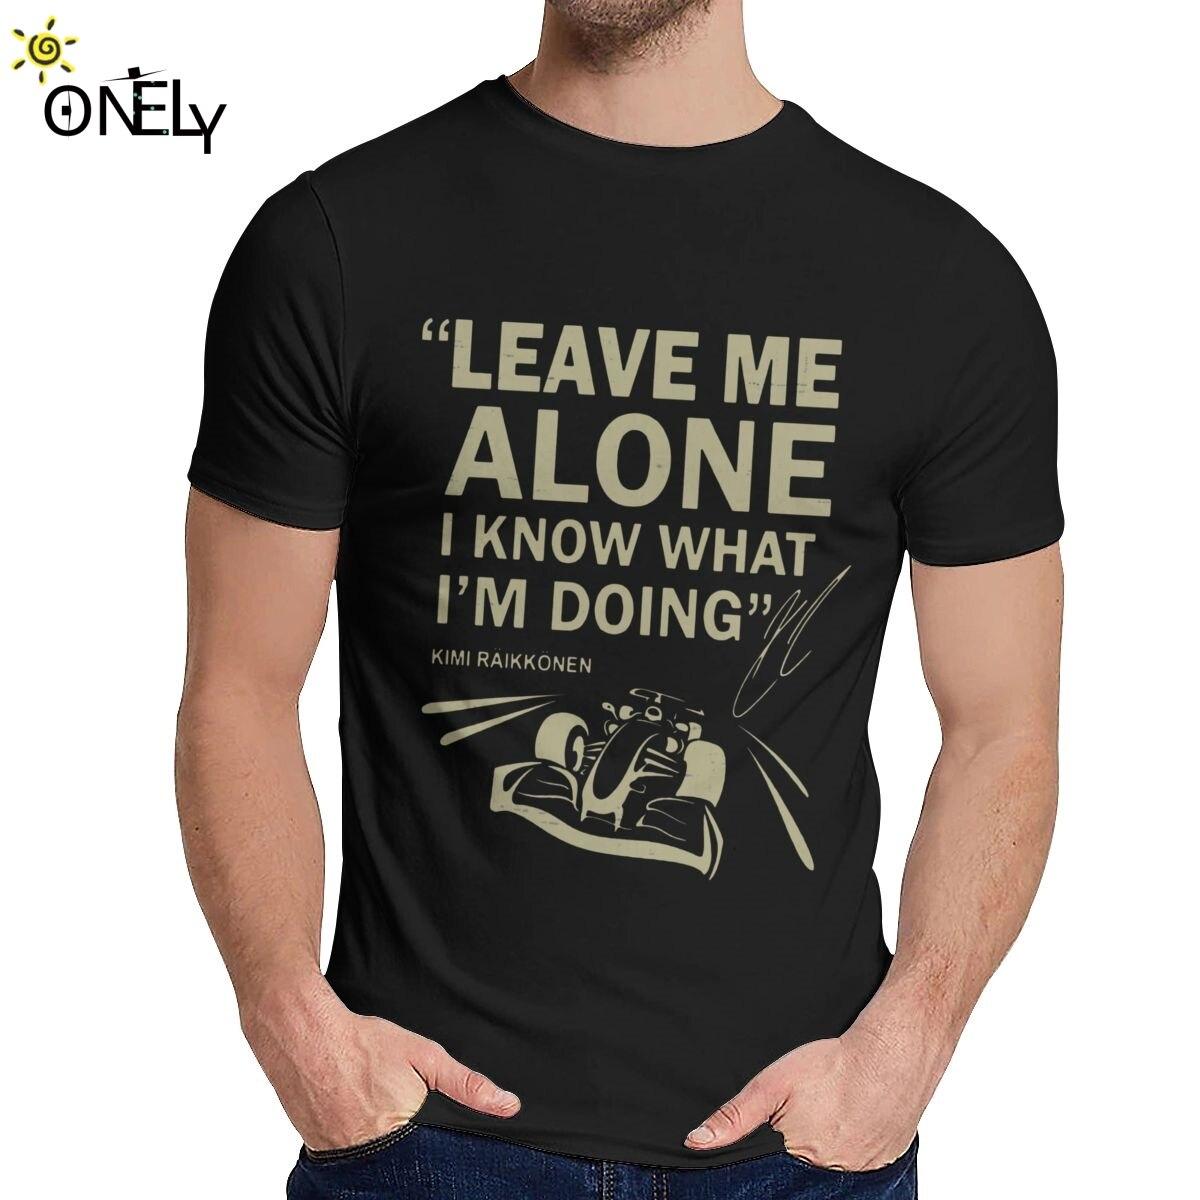 Freizeit Mann T Hemd Lassen Mich Allein Kimi Räikkönen Große Geek Mann O-ansatz Hip Hop T-shirt